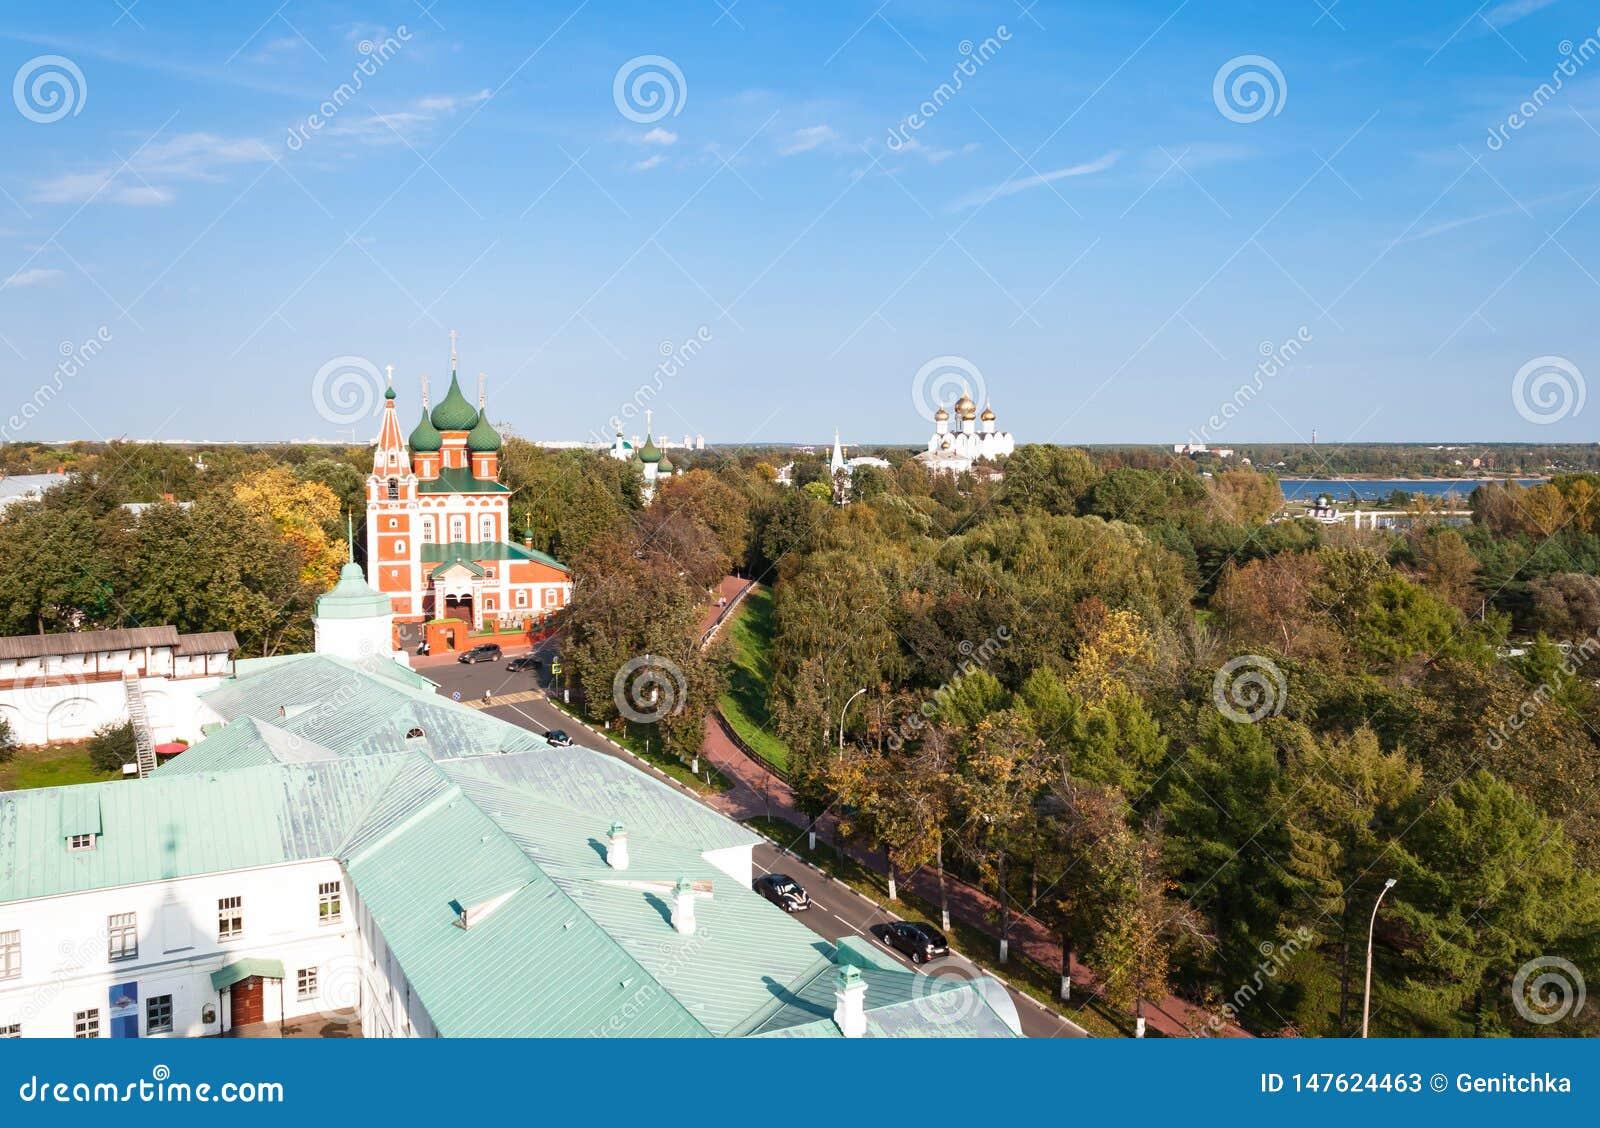 Spaso-Preobrazhensky kloster i Yaroslavl, Ryssland abstrakta dekorativa arkitektoniska klockstapeldetaljer